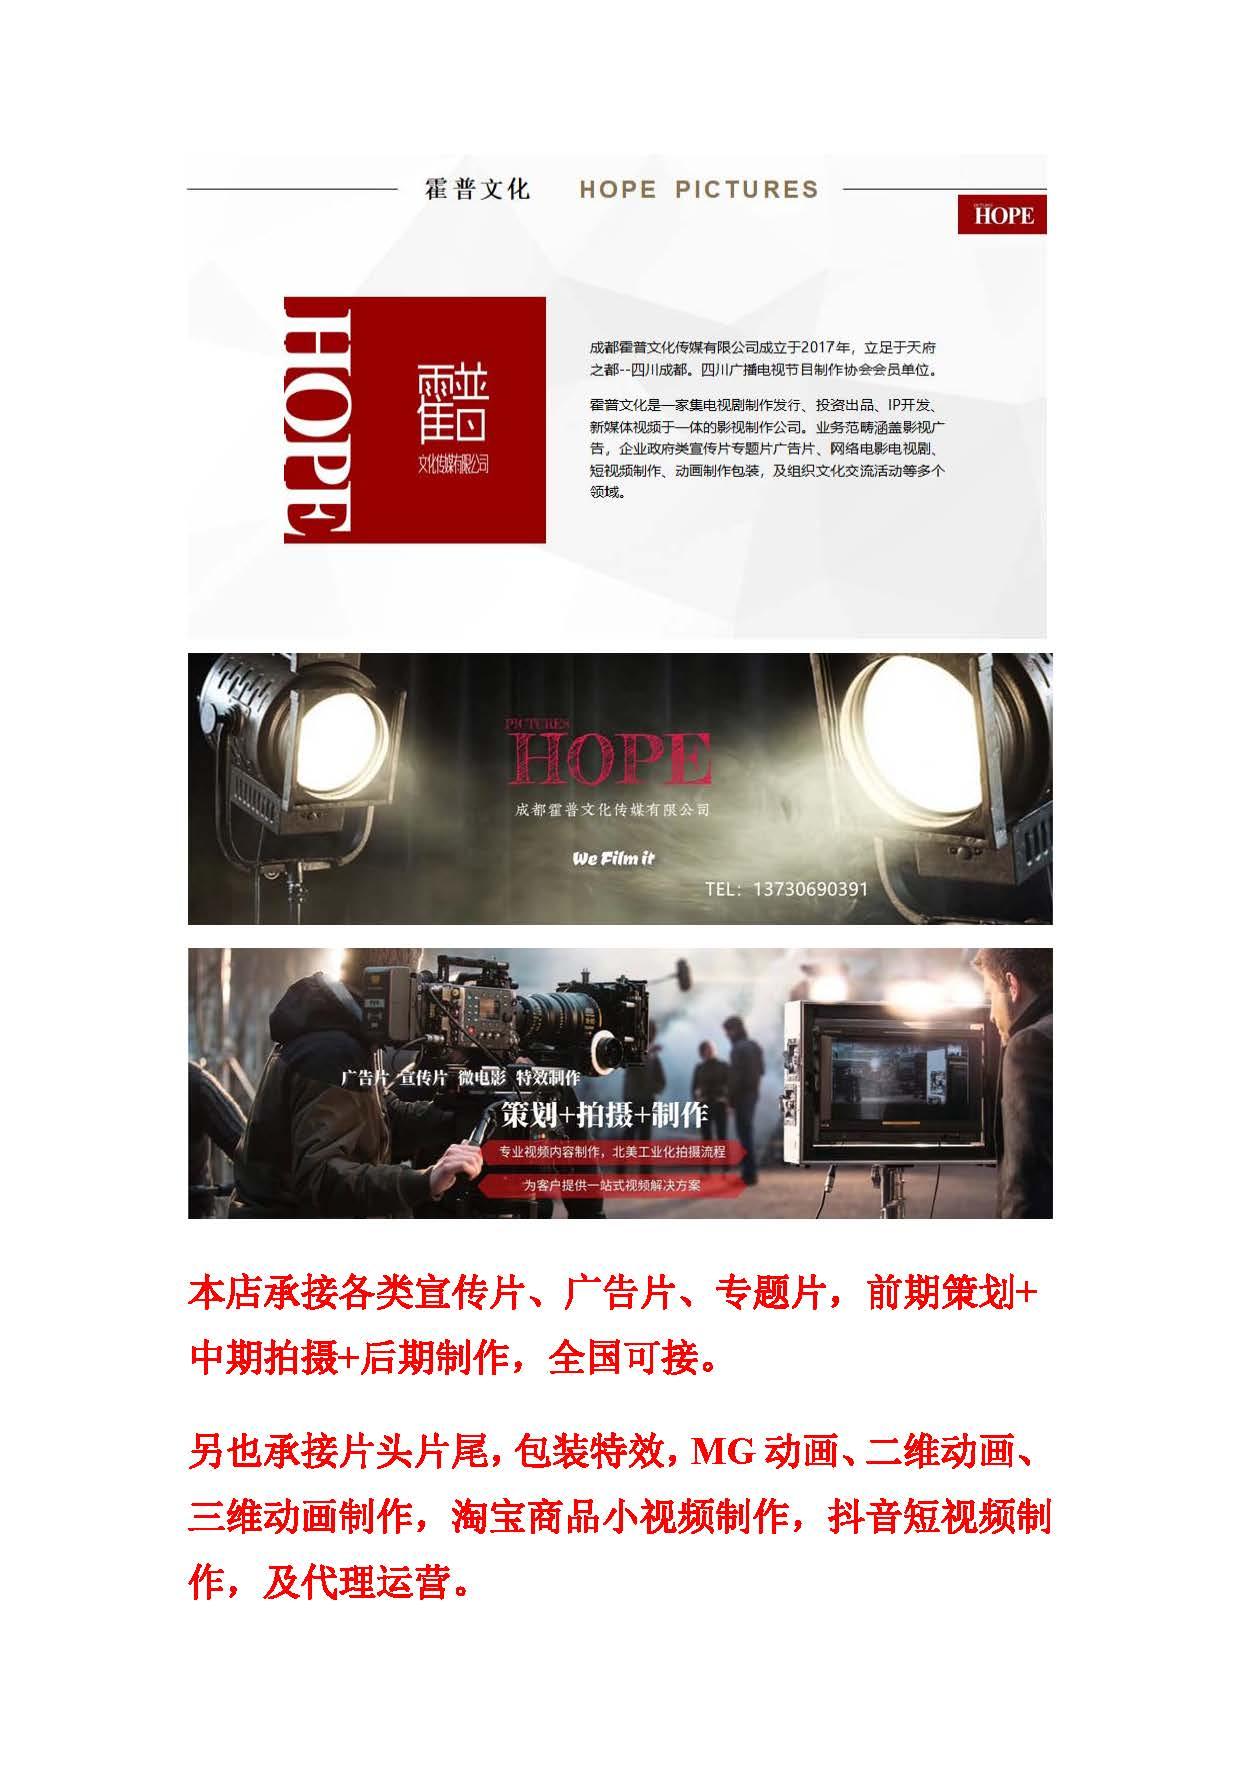 【霍普文化】宣传片广告片微电影短视频一站式制作_技能专长>>影视制作>>宣传片